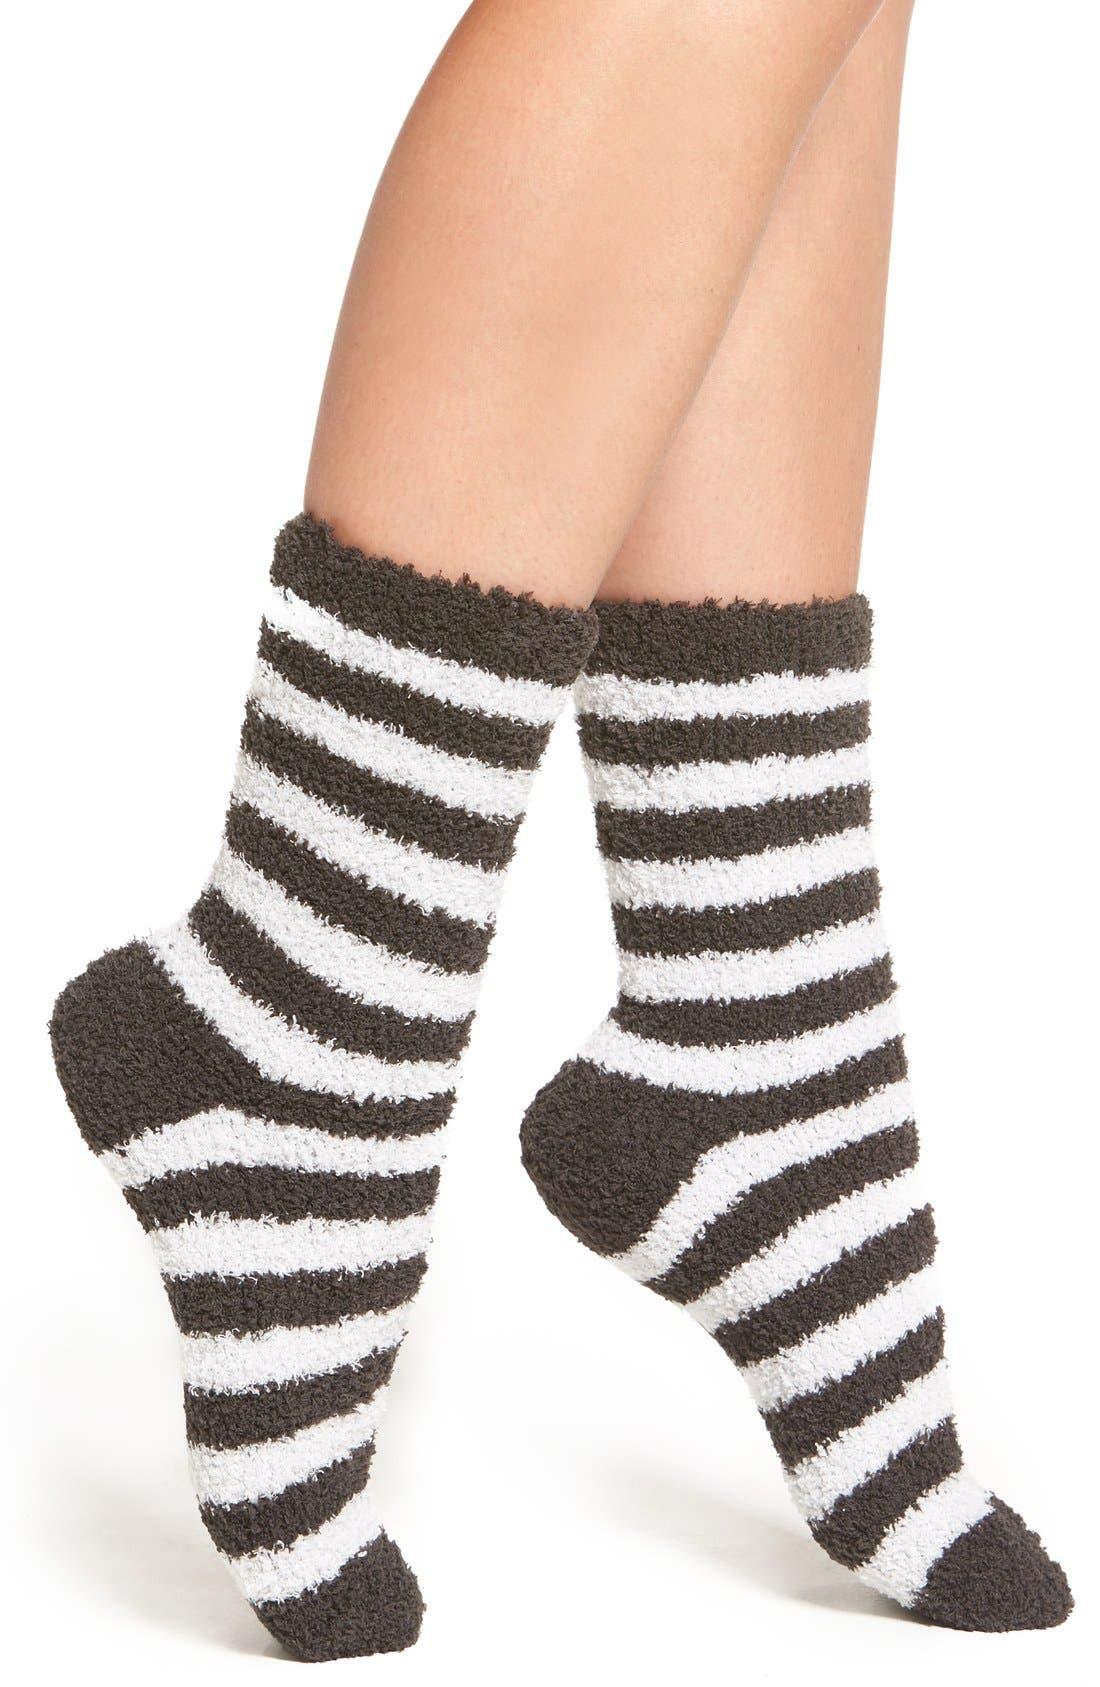 Main Image - Nordstrom 'Butter' Crew Socks (3 for $18)